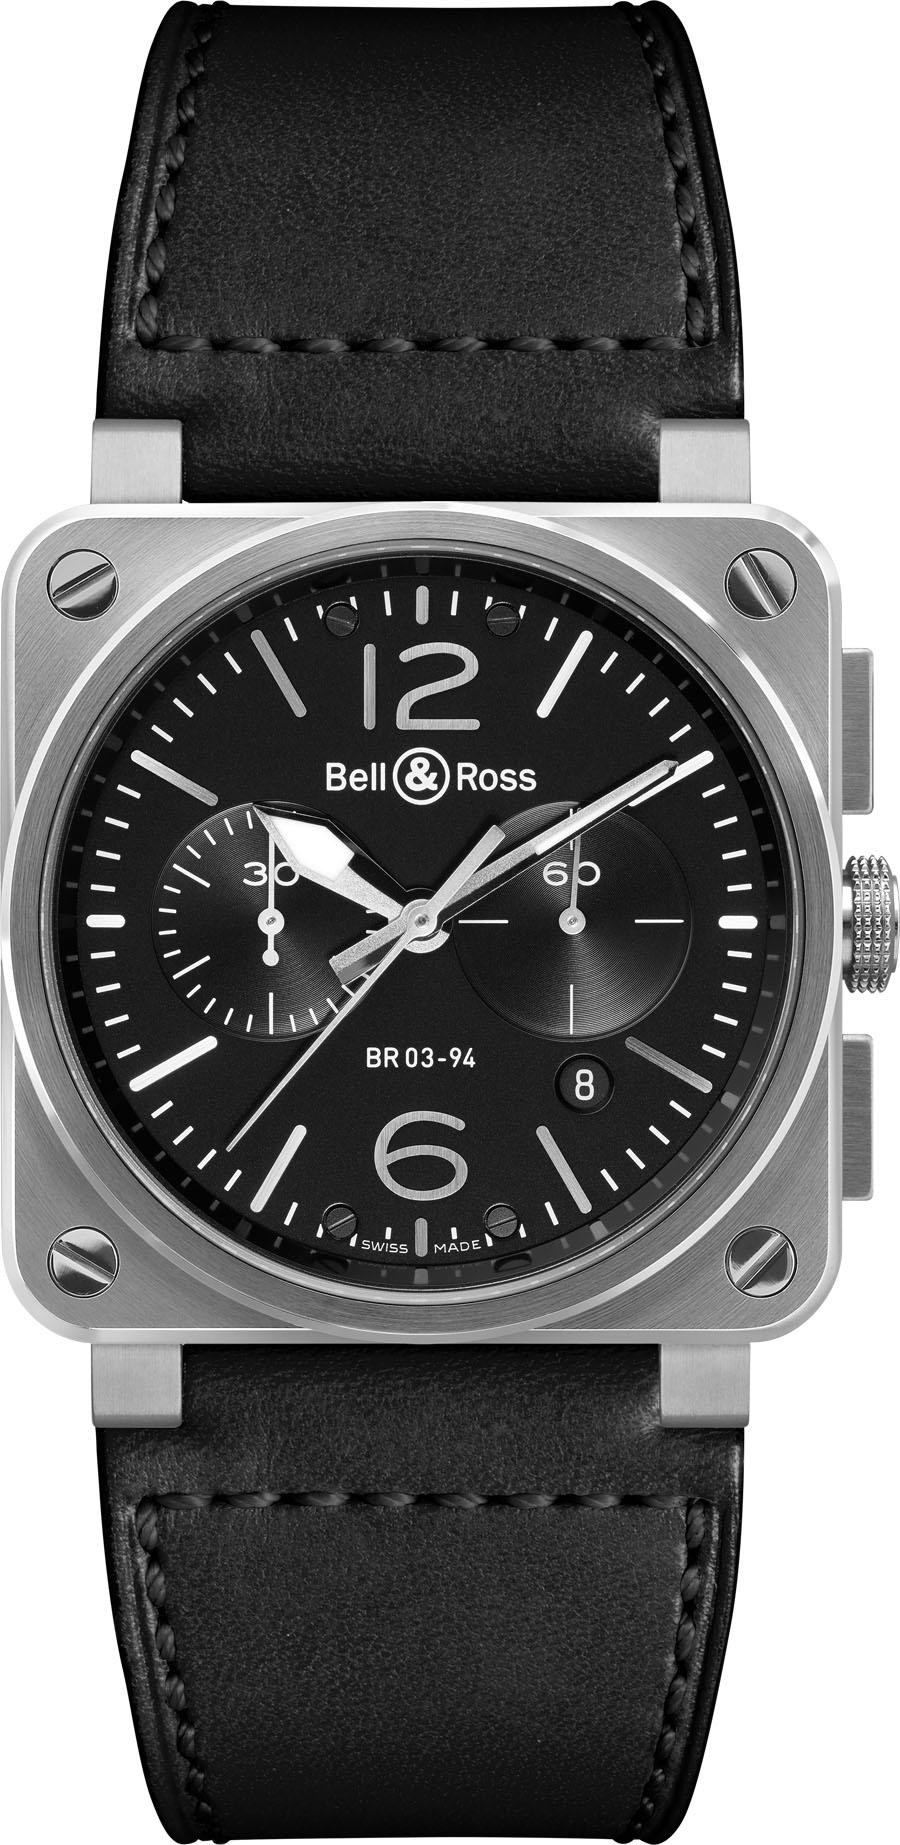 Uhren-Ikonen und ihre Alternativen: Bell & Ross BR03-94